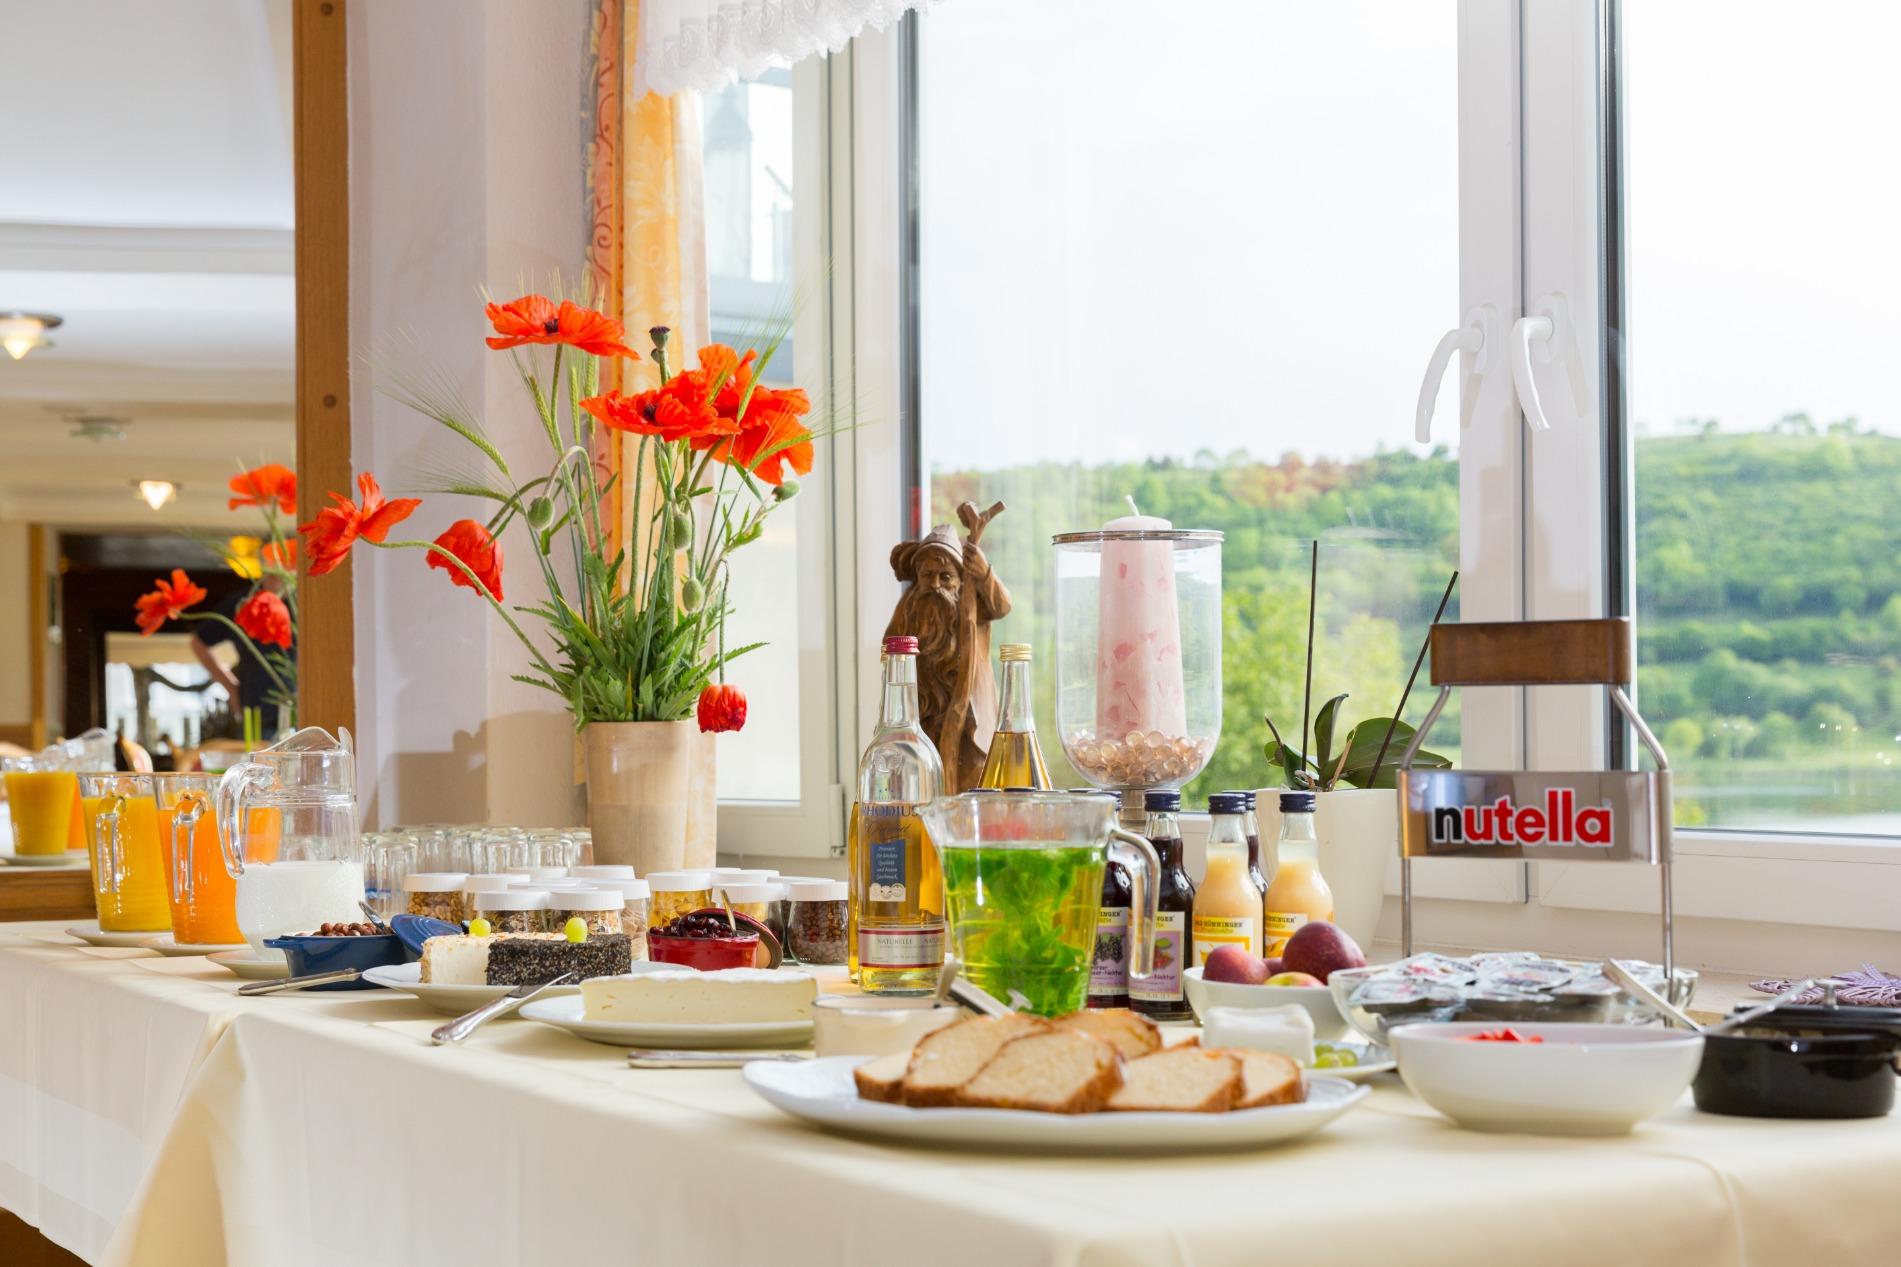 Eifeler Frühstücksbuffet mit vielen regionalen Produkten